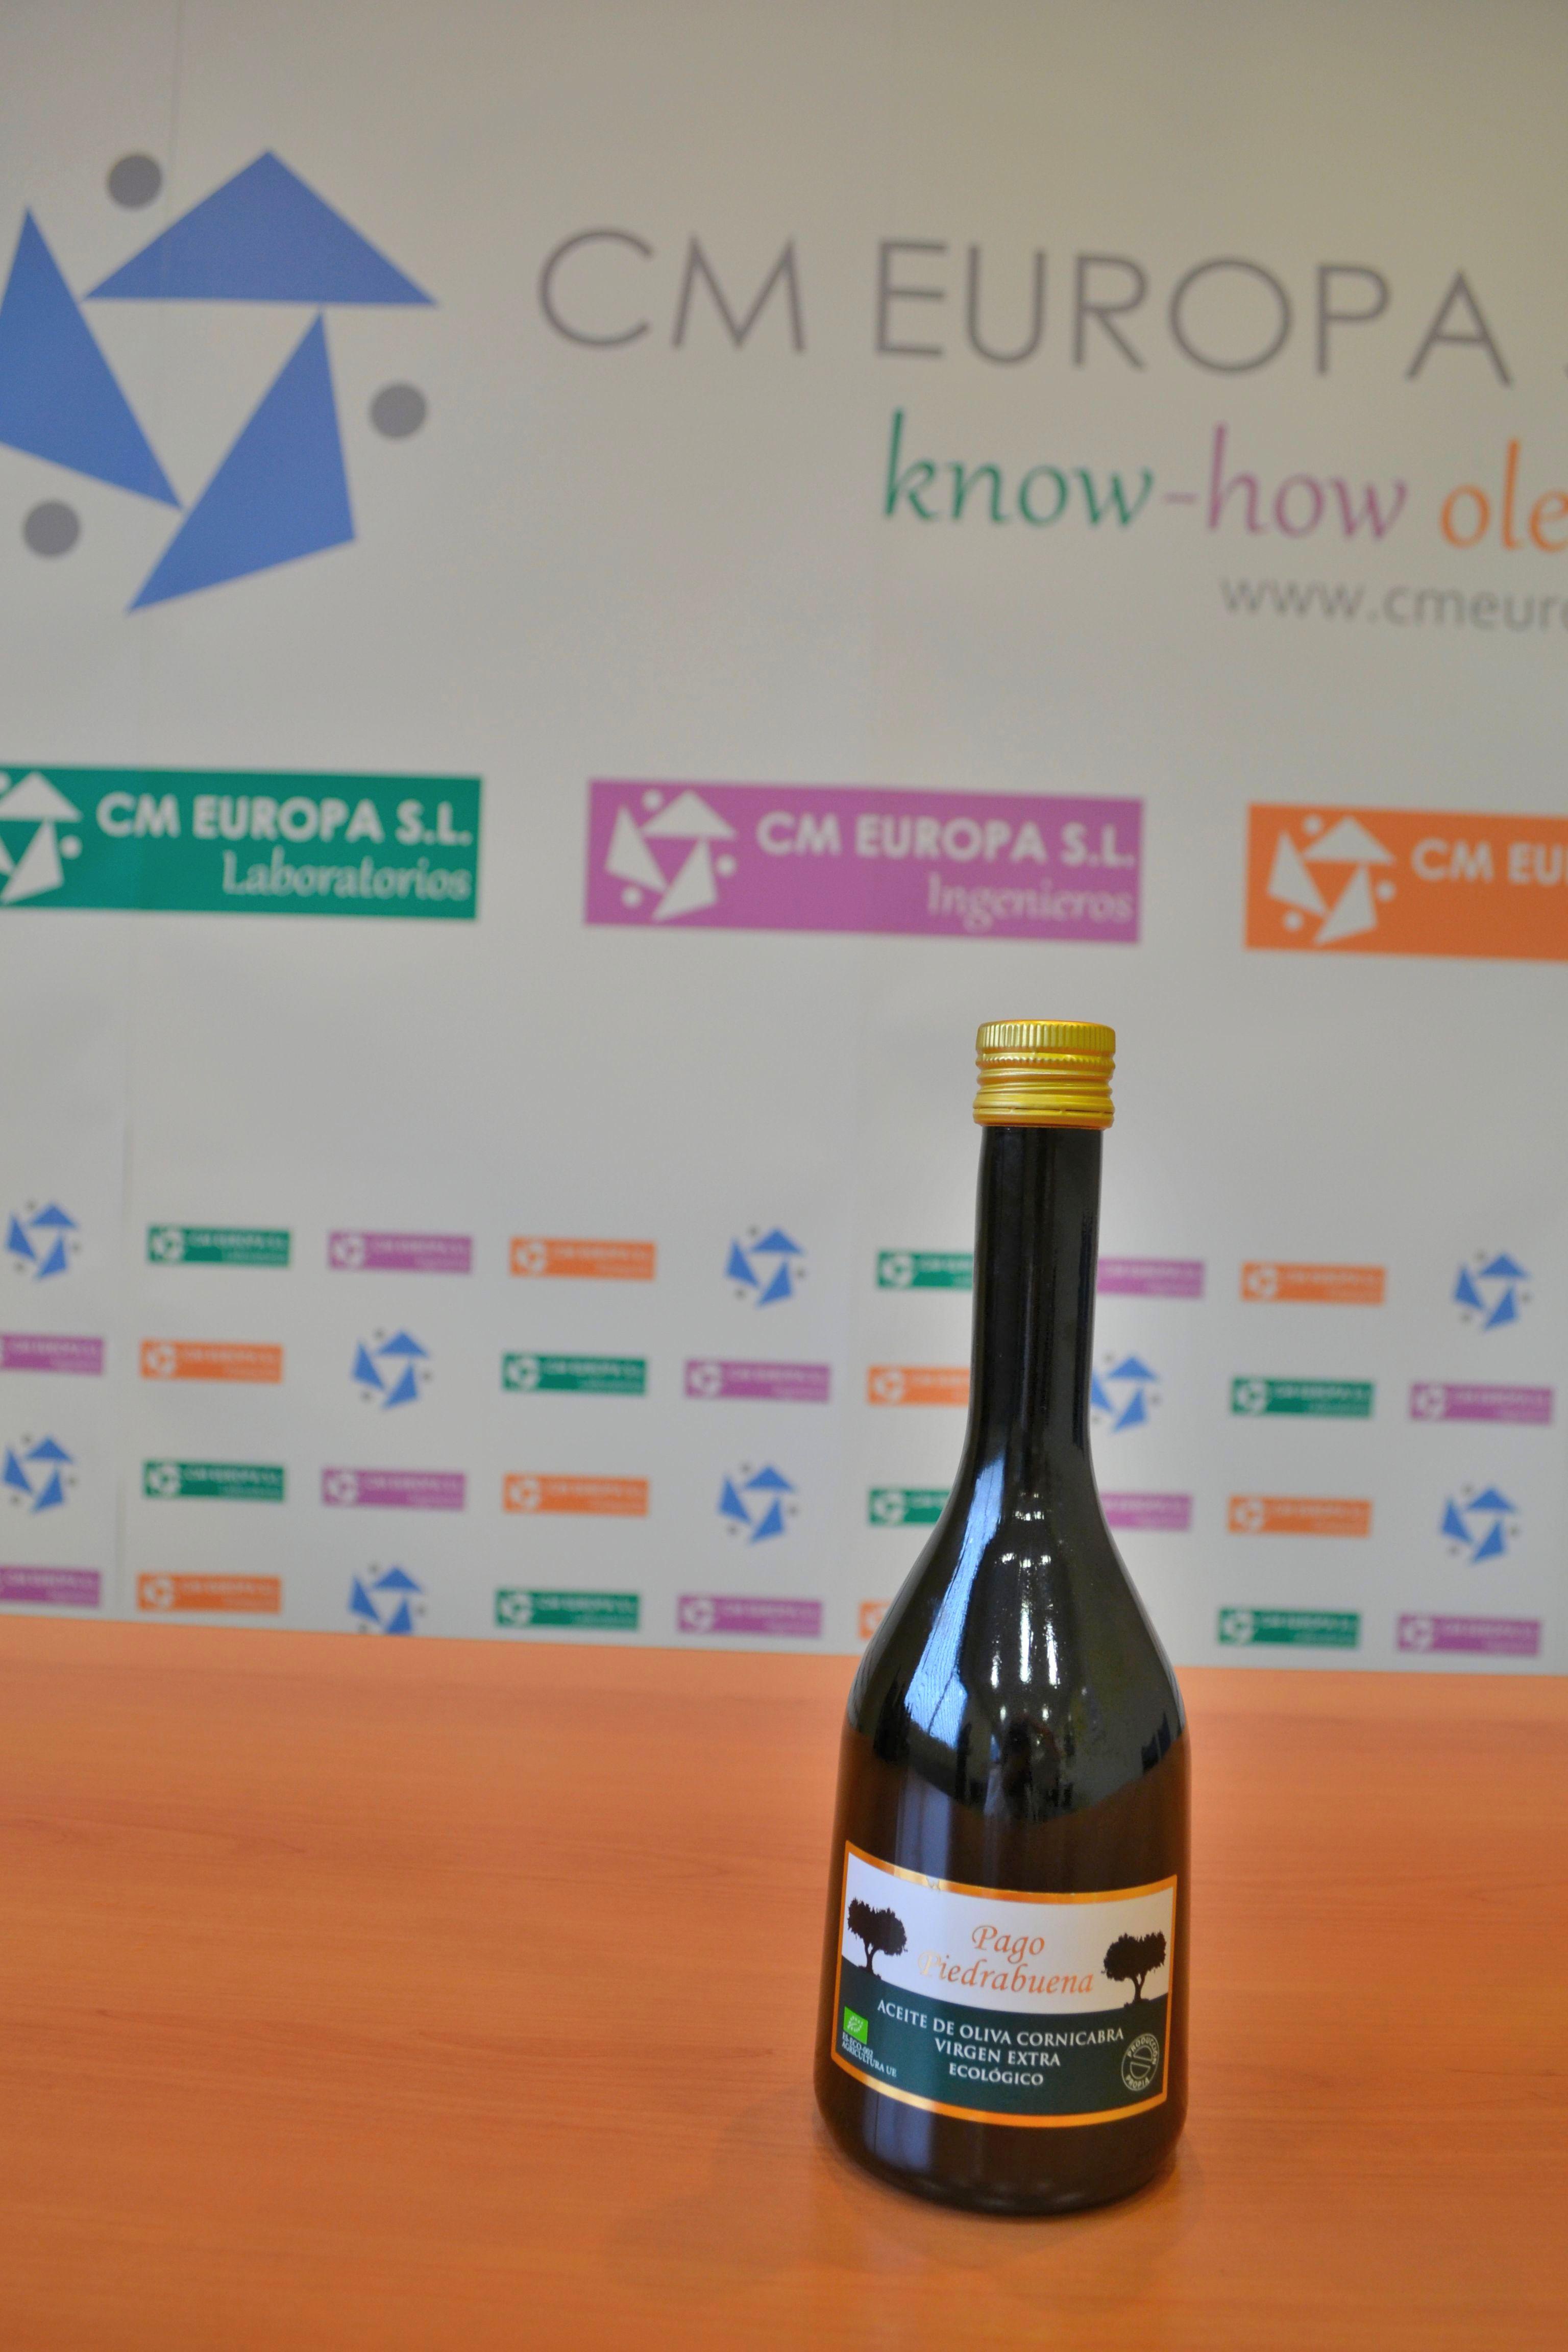 Aceite de Oliva Virgen Extra presente en #Twittsandaove 2013 de la variedad Cornicabra